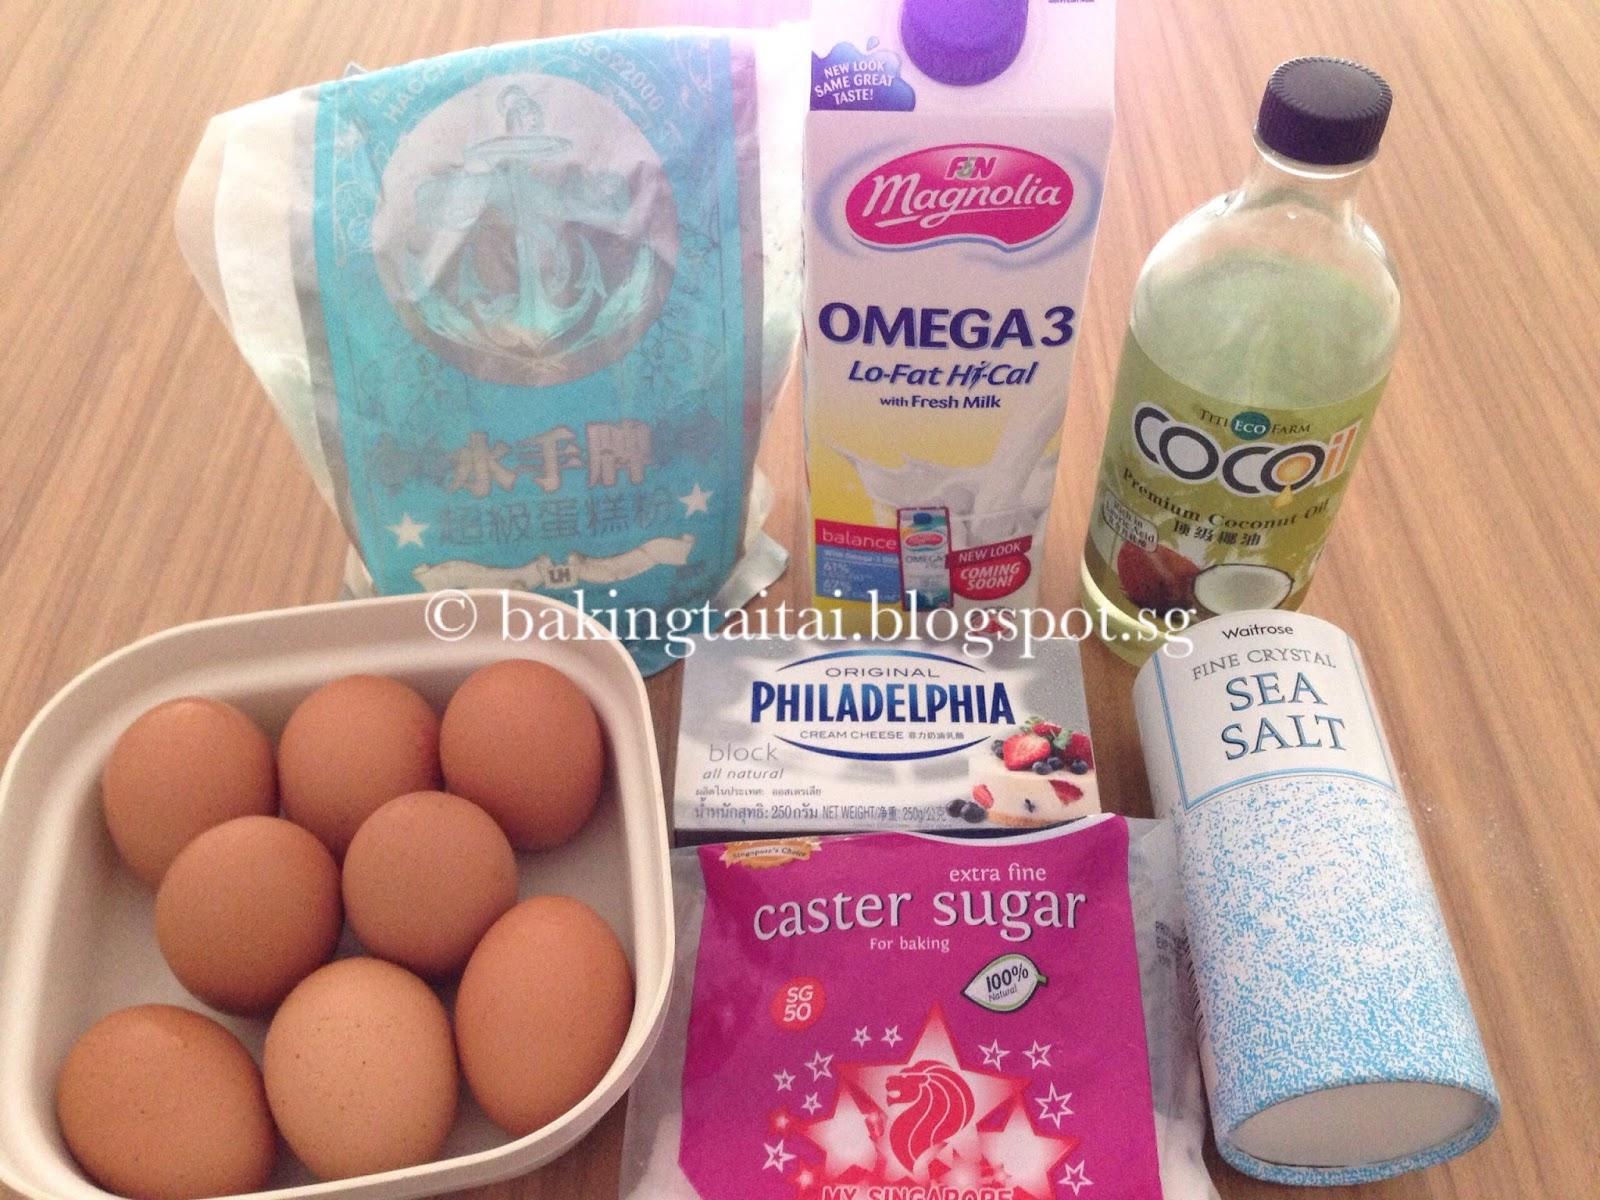 Baking Taitai Japanese Cream Cheese Chiffon Cake Premium Blueberry 20cm 50g Caster Sugar